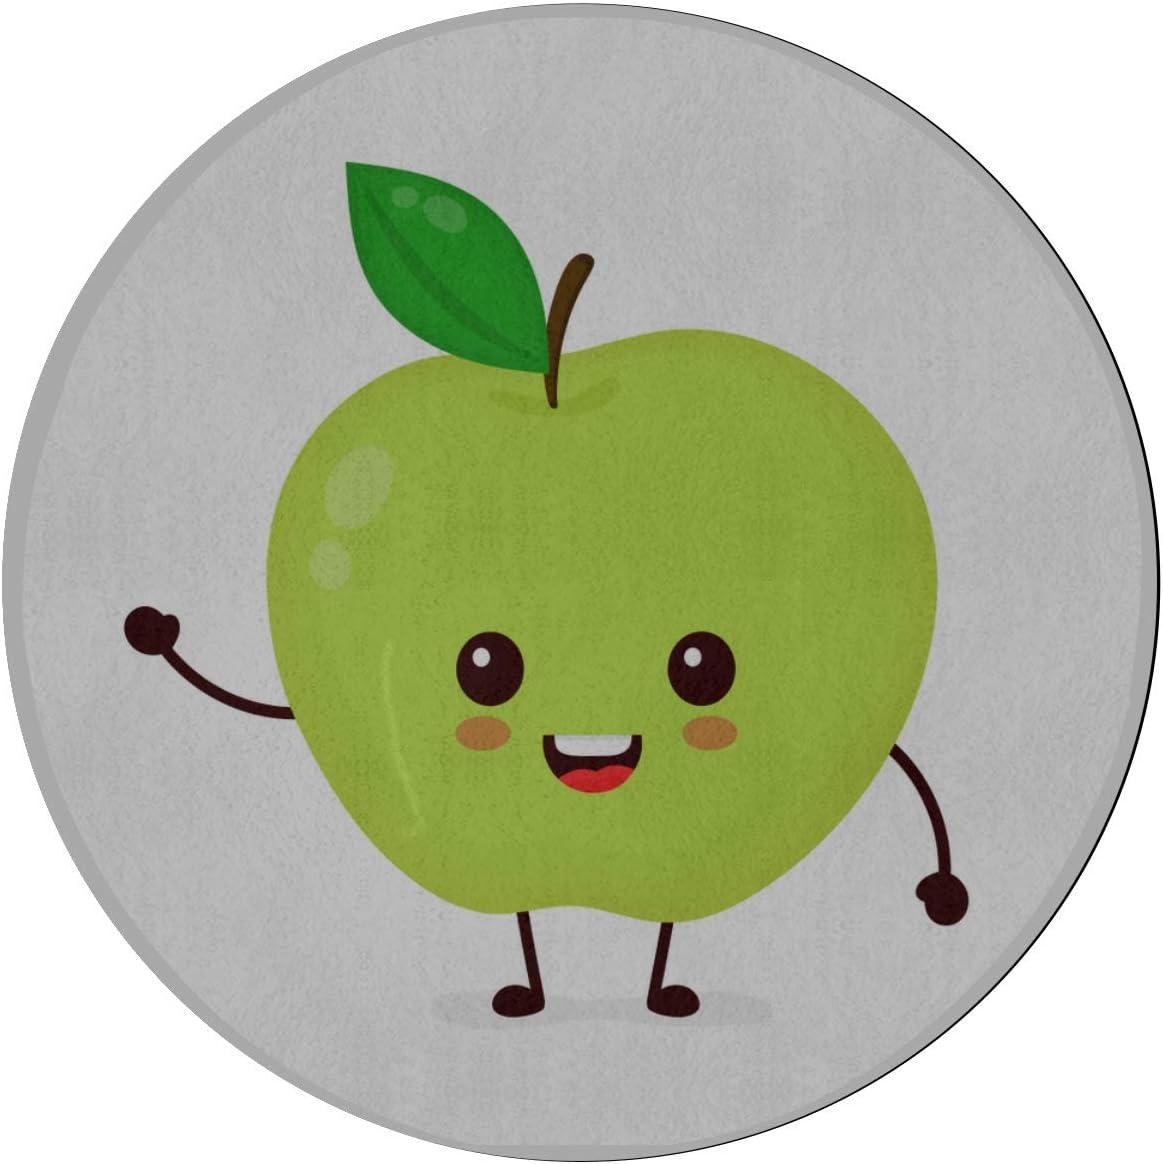 Alfombra de área de juego Alfombra de manzana verde fresca y jugosa de dibujos animados para dormitorios Alfombra de microfibra antideslizante redonda de 2 pies Lavable a máquina Alfombra de área de: